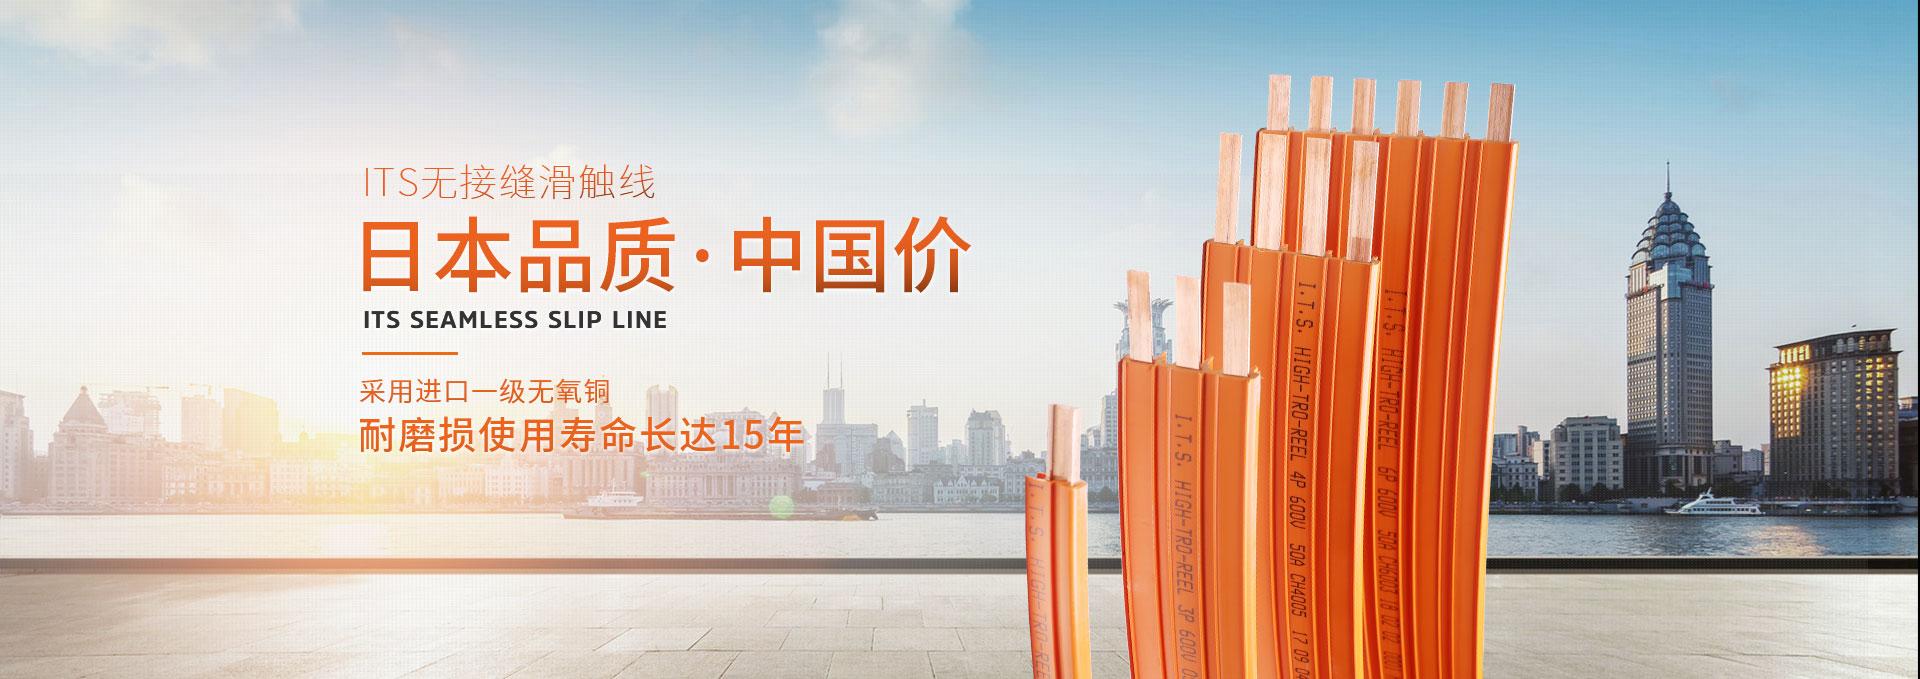 ITS无接缝滑触线,日本品质,中国价